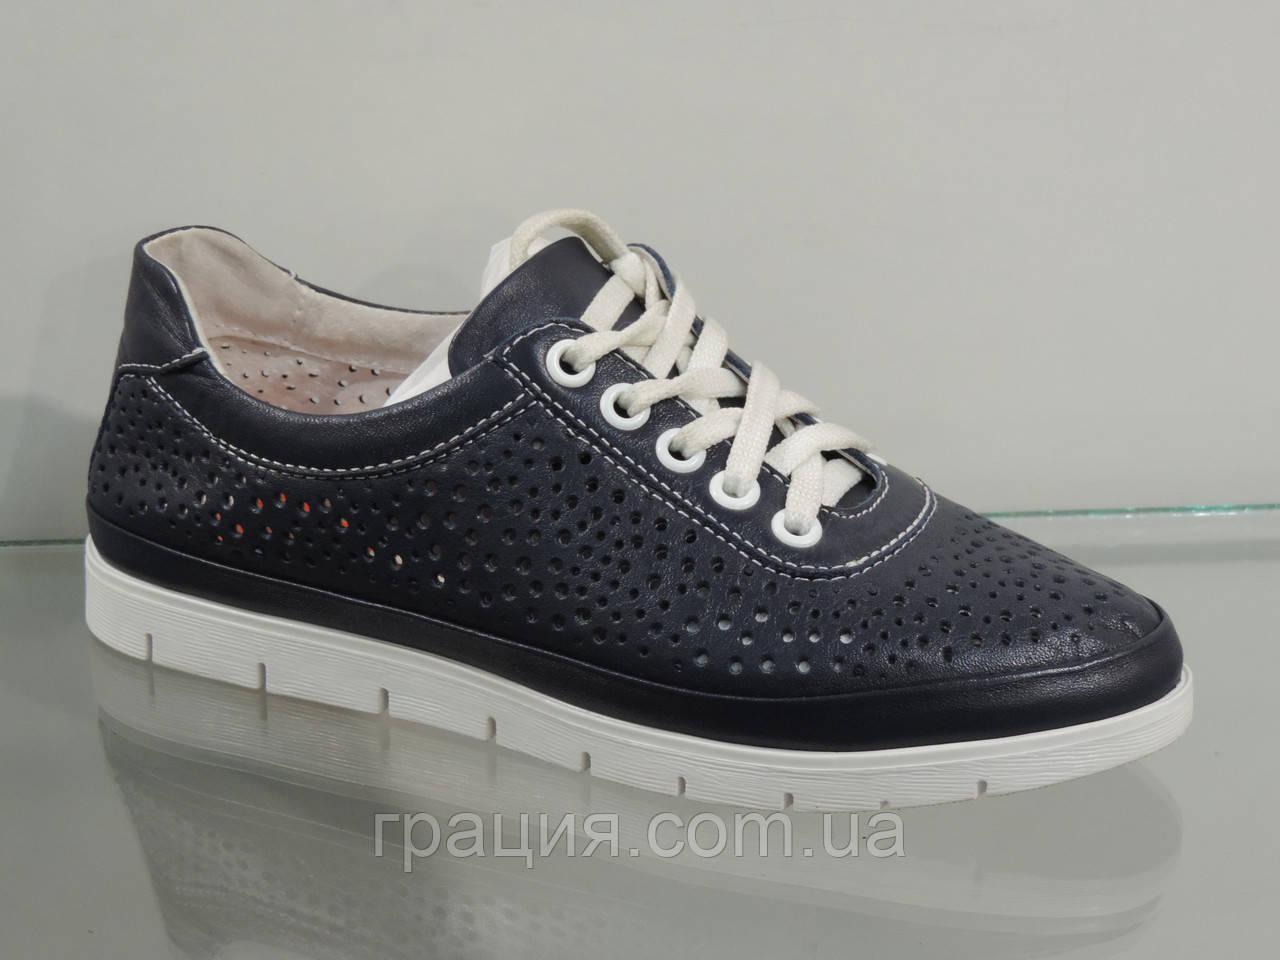 Туфлі жіночі шкіряні зручні темно-сині